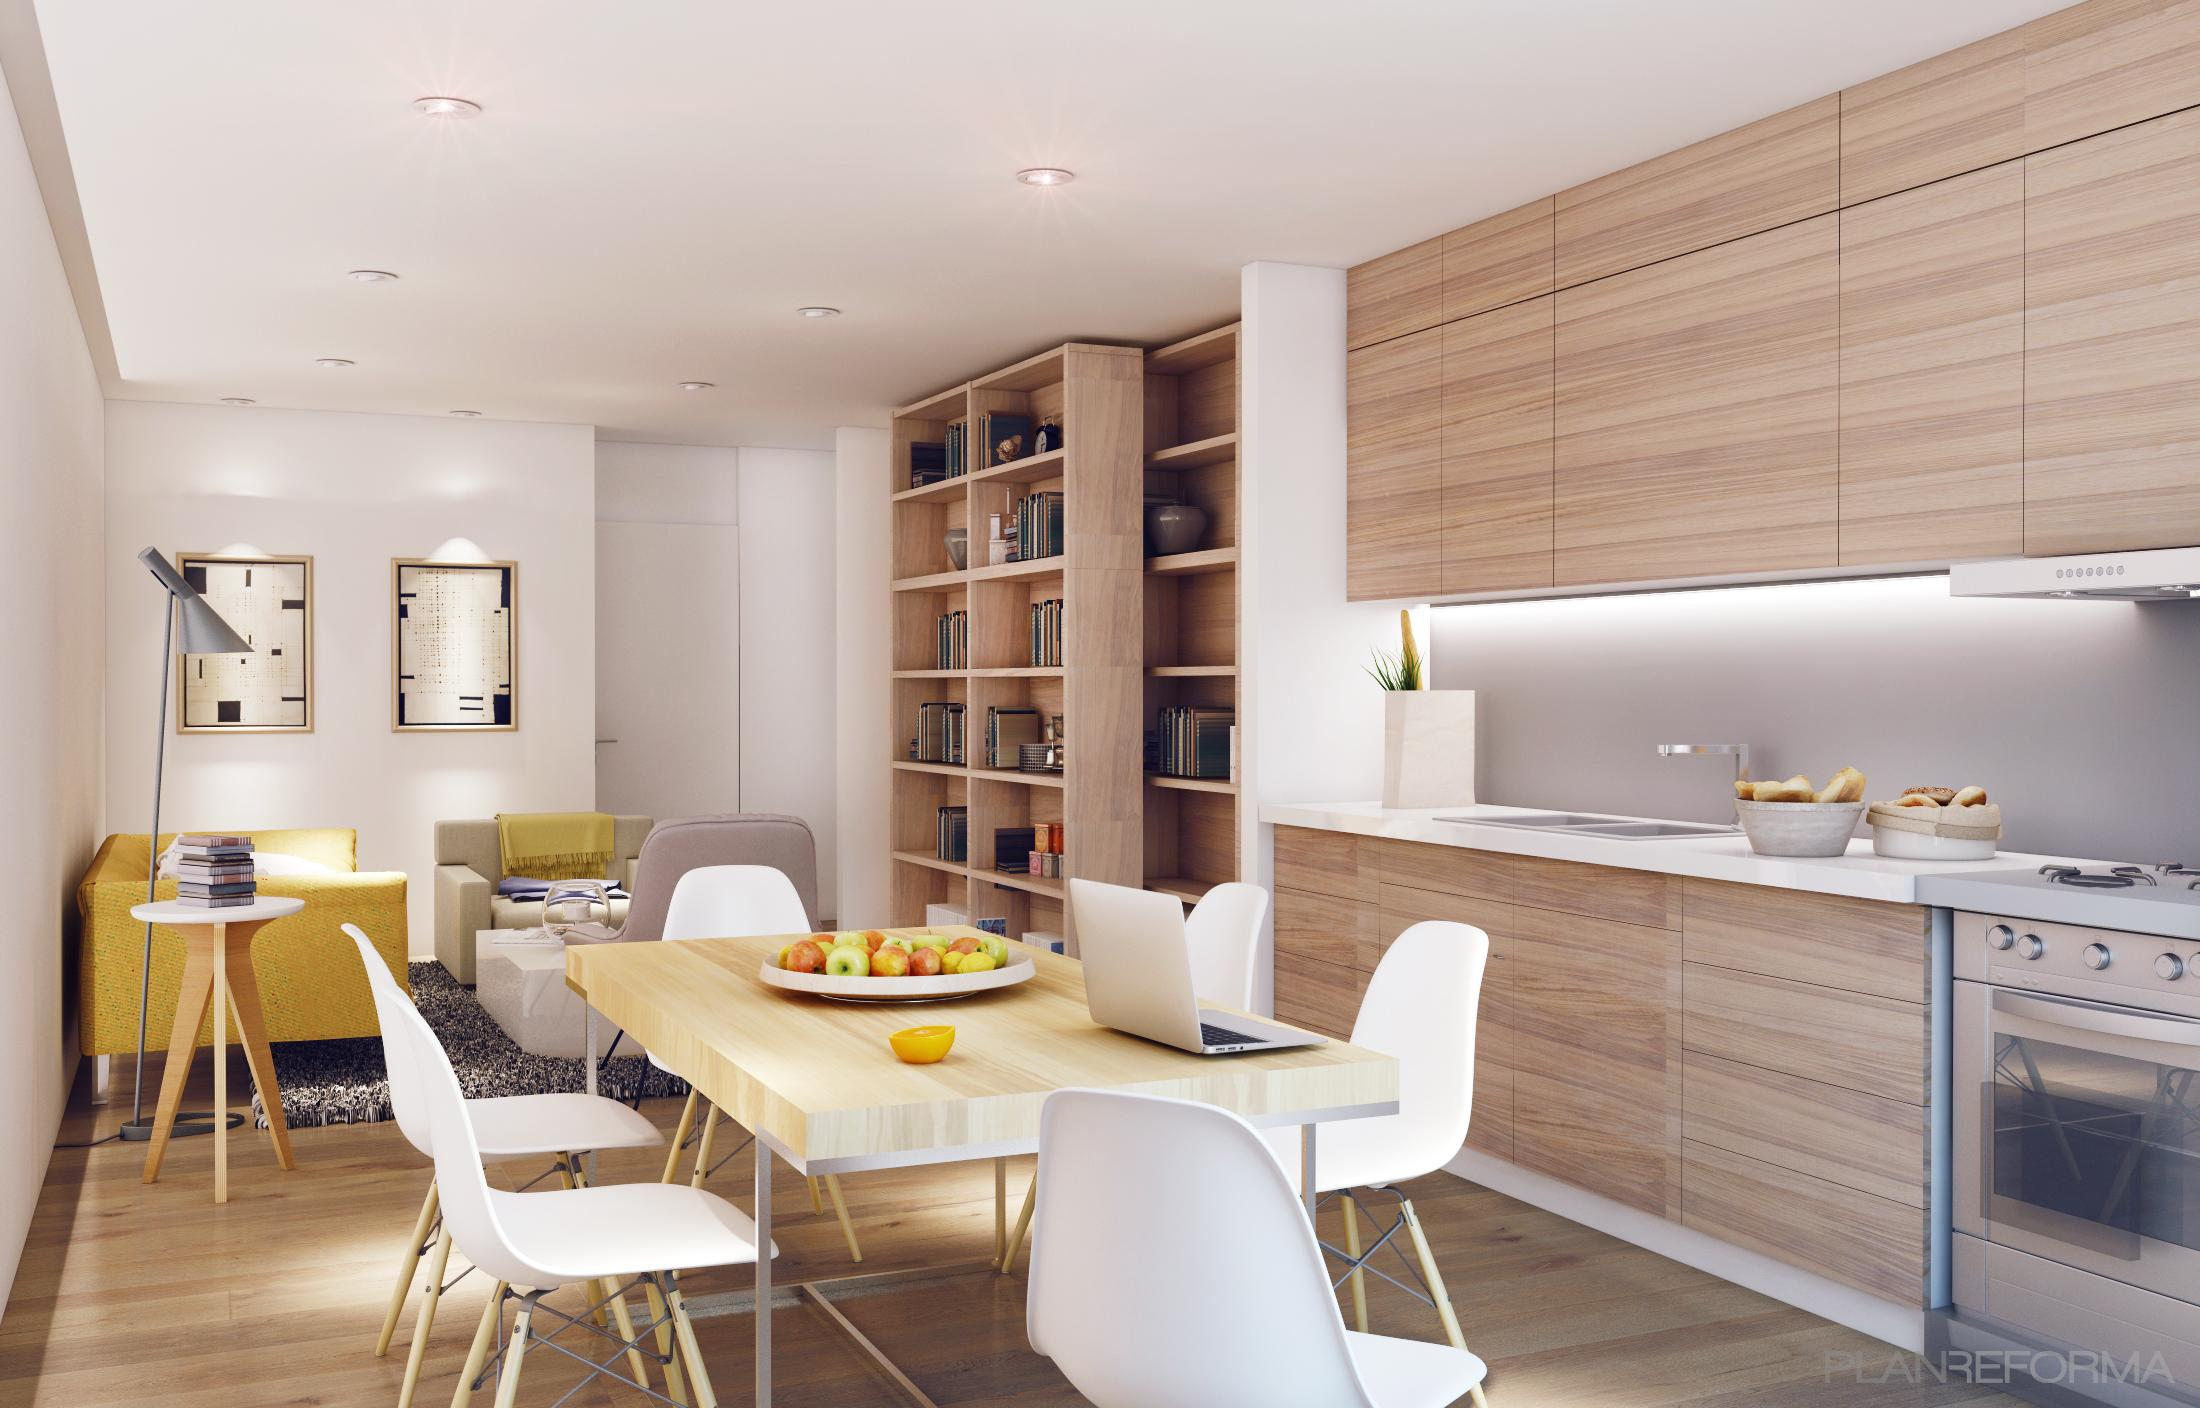 Comedor cocina salon style moderno color amarillo - Cocina comedor ideas ...